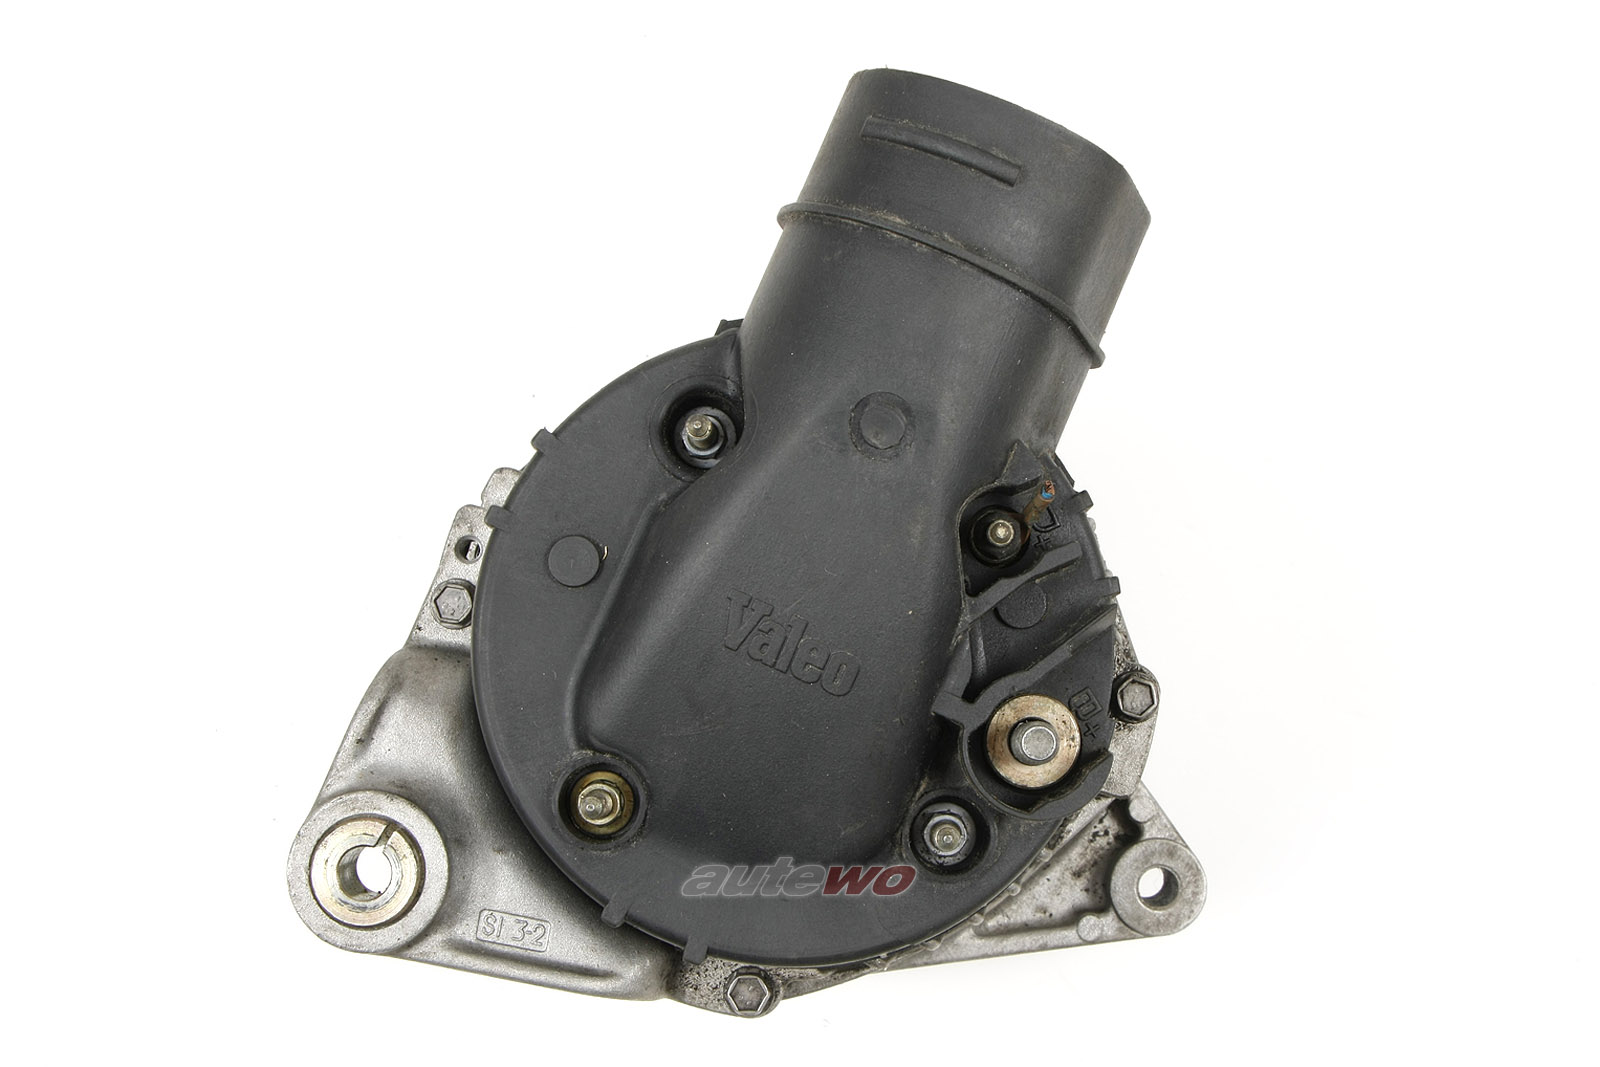 Audi 80 B4/A4 B5/100/A6 C4 6 Zylinder Lichtmaschine 90A 078903015DX